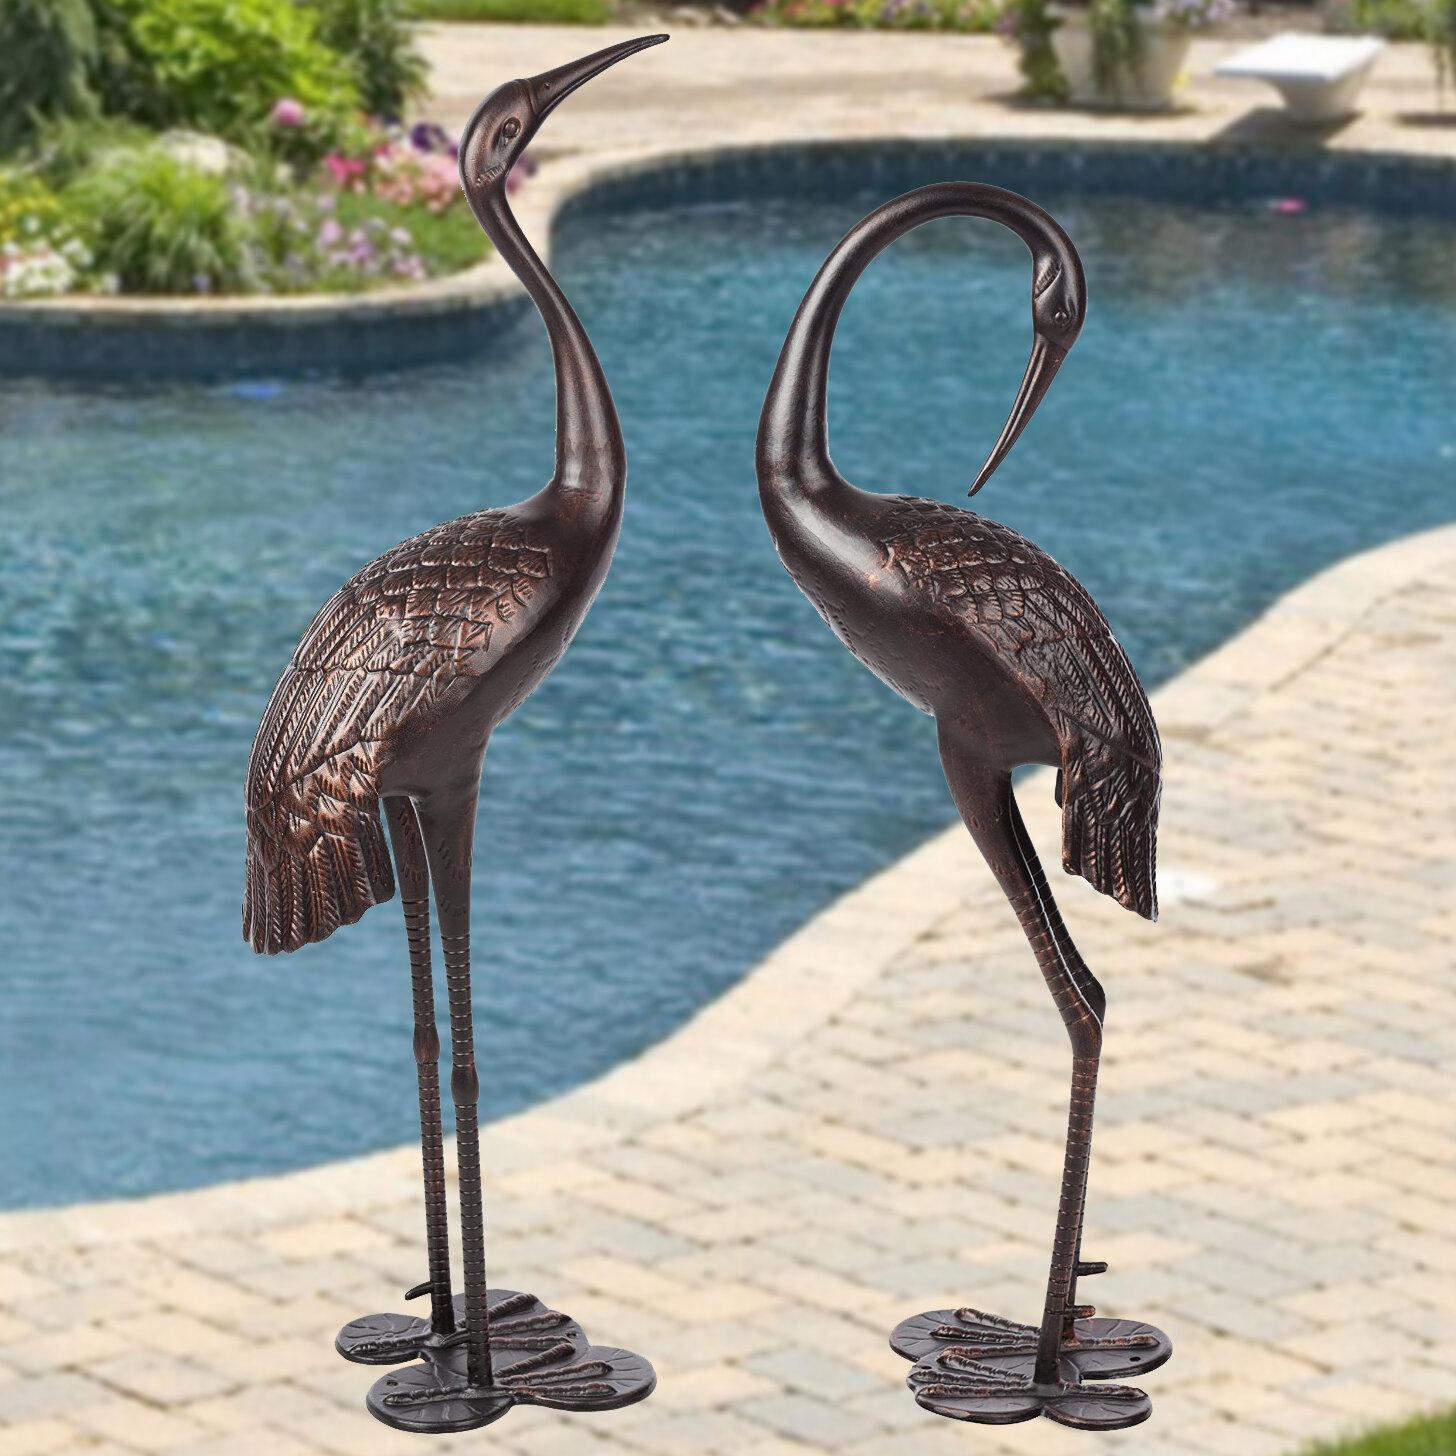 Delicieux PierSurplus Garden Crane Upright And Preening 2 Piece Statue Set U0026 Reviews  | Wayfair